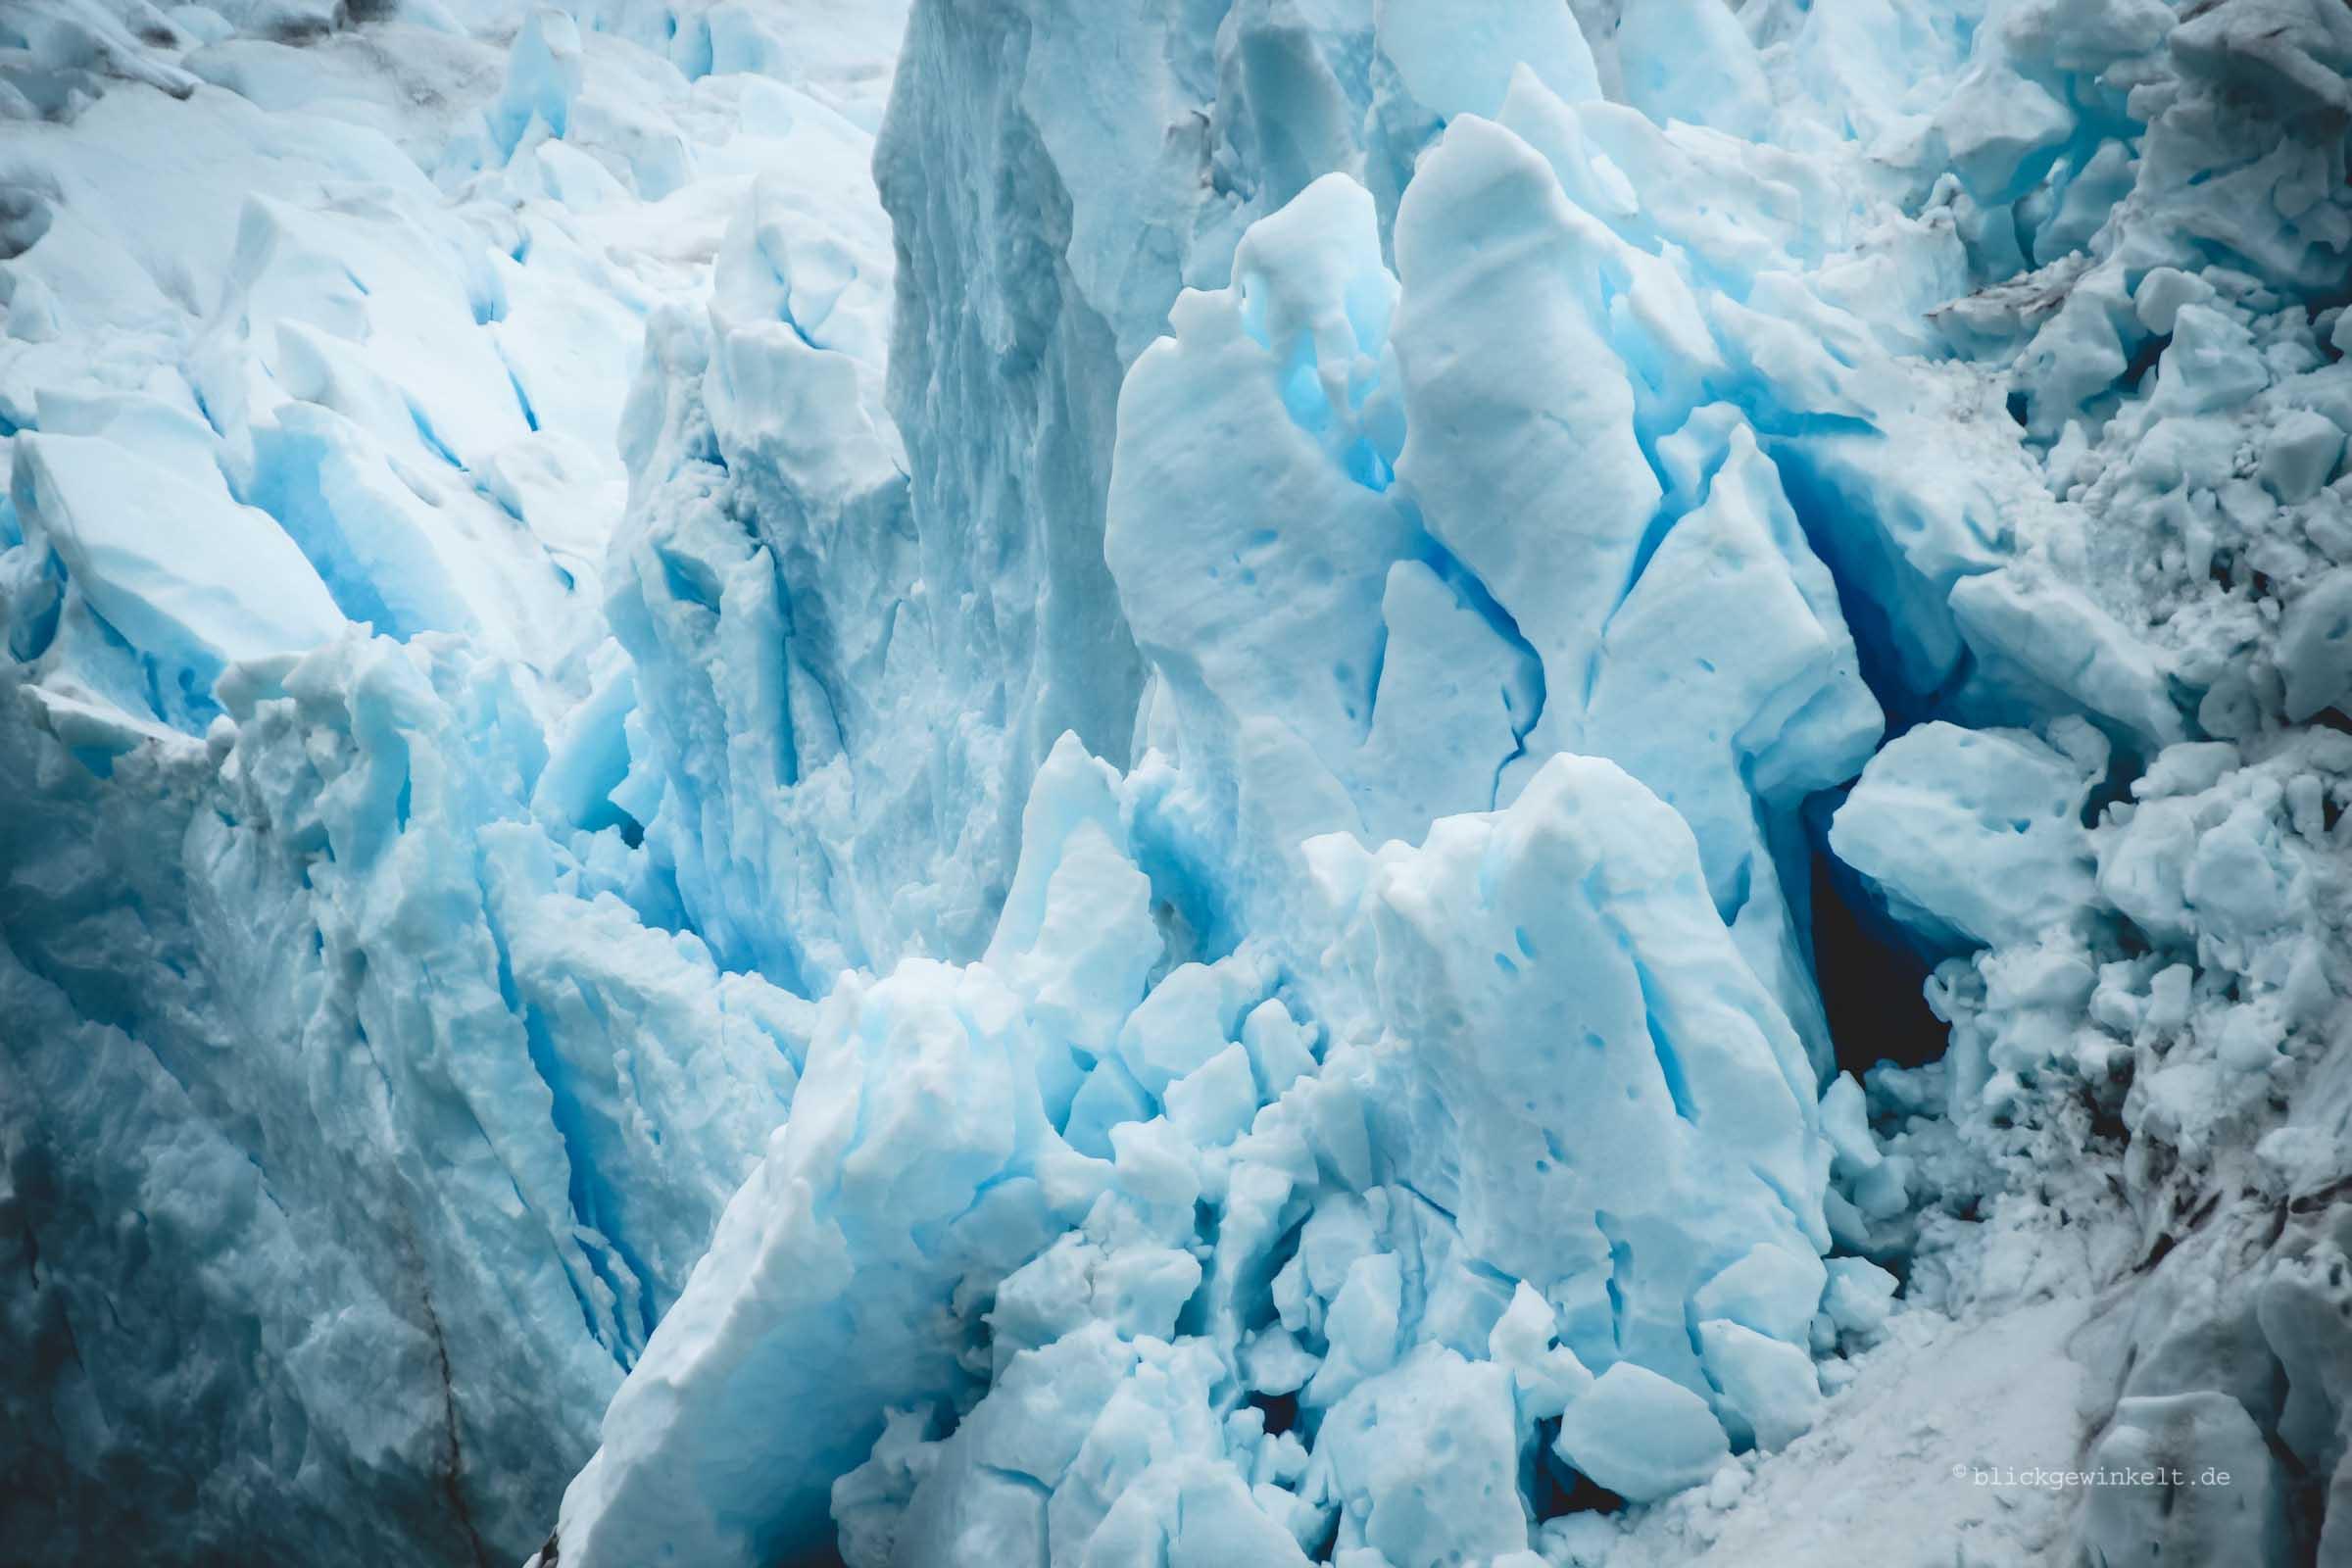 Blau leuchtendes Eis.